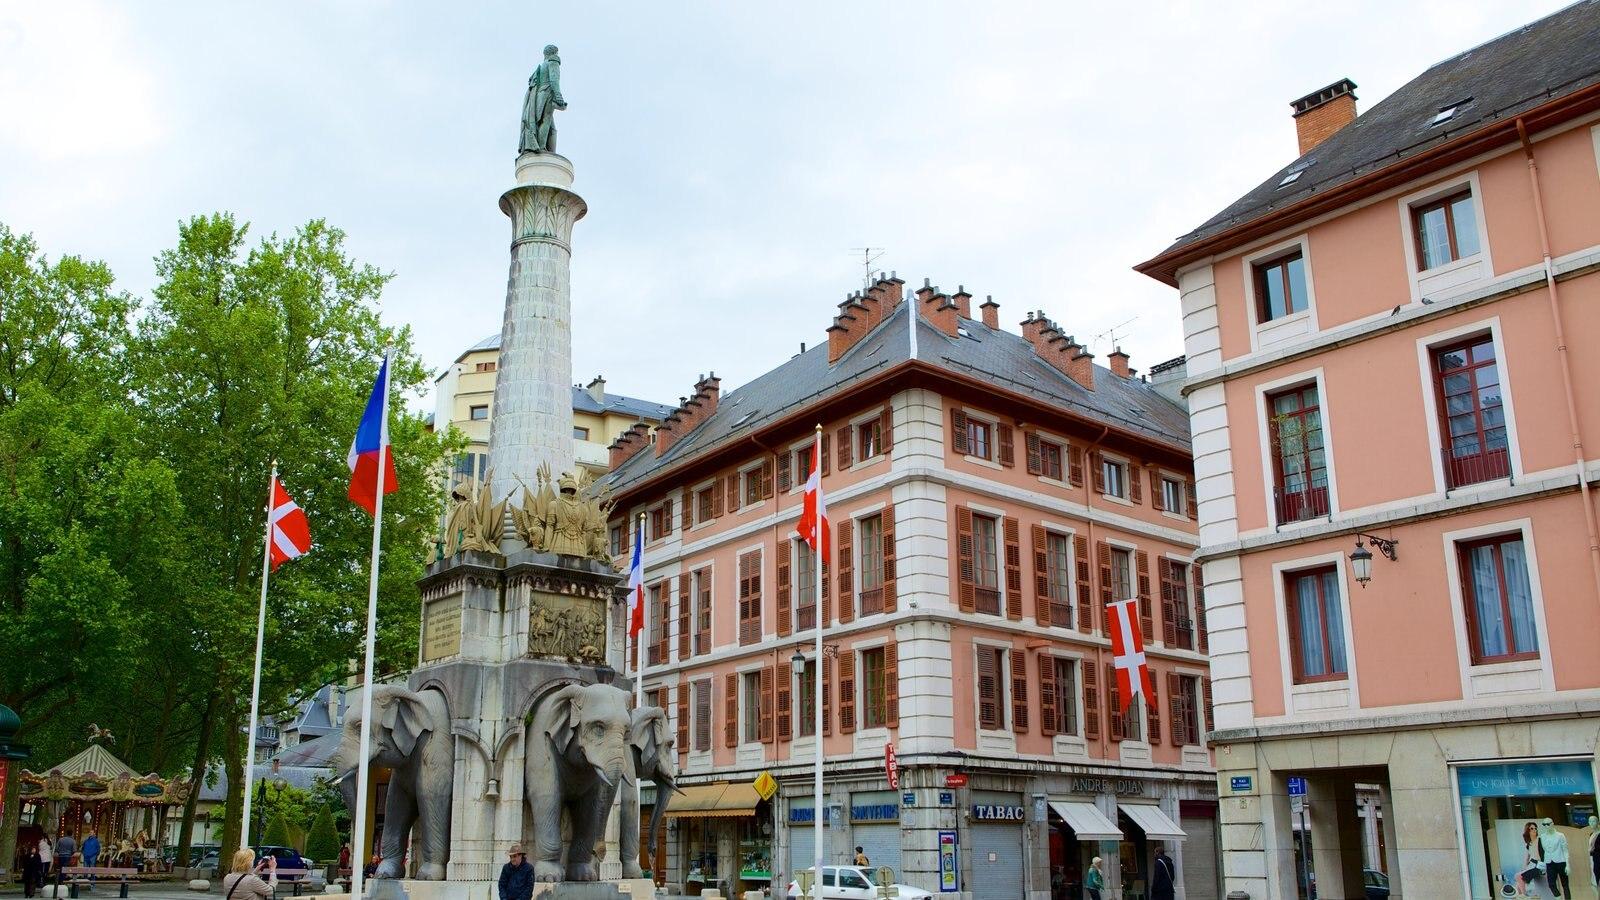 Chambery mostrando arquitetura de patrimônio e um monumento